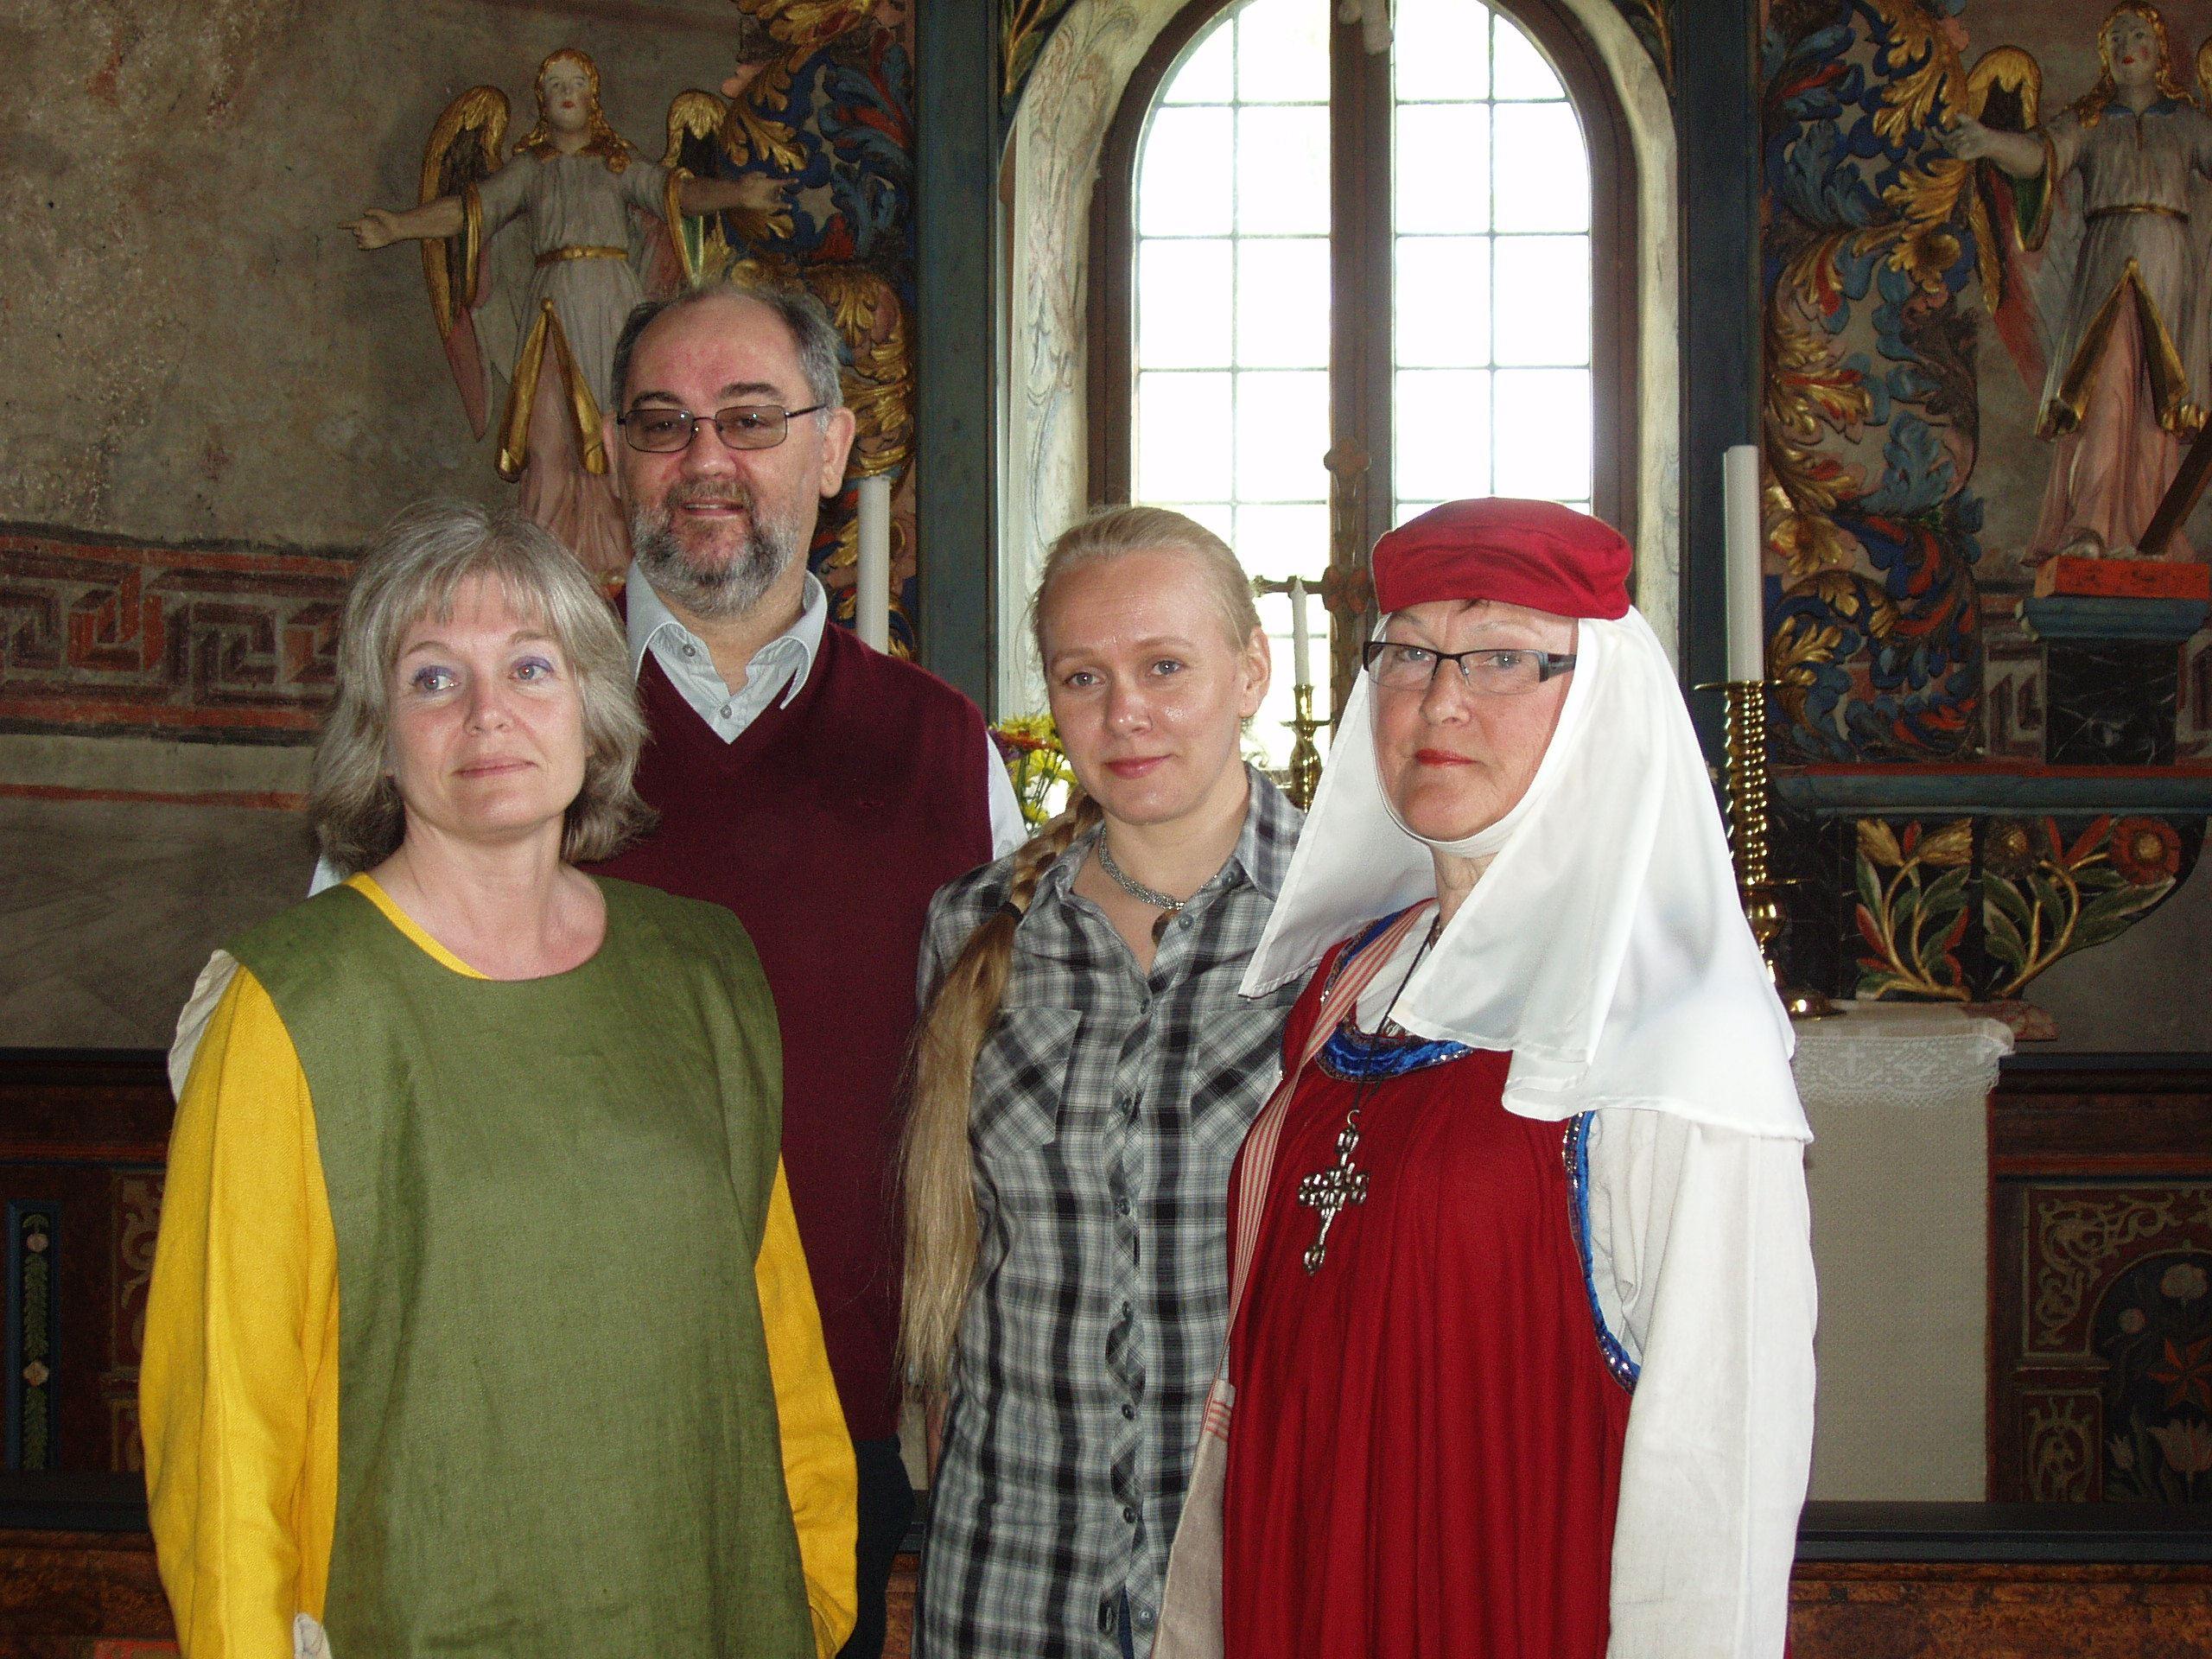 © Vetlanda Turistbyrå, Natur, kultur & kyrkovandringar